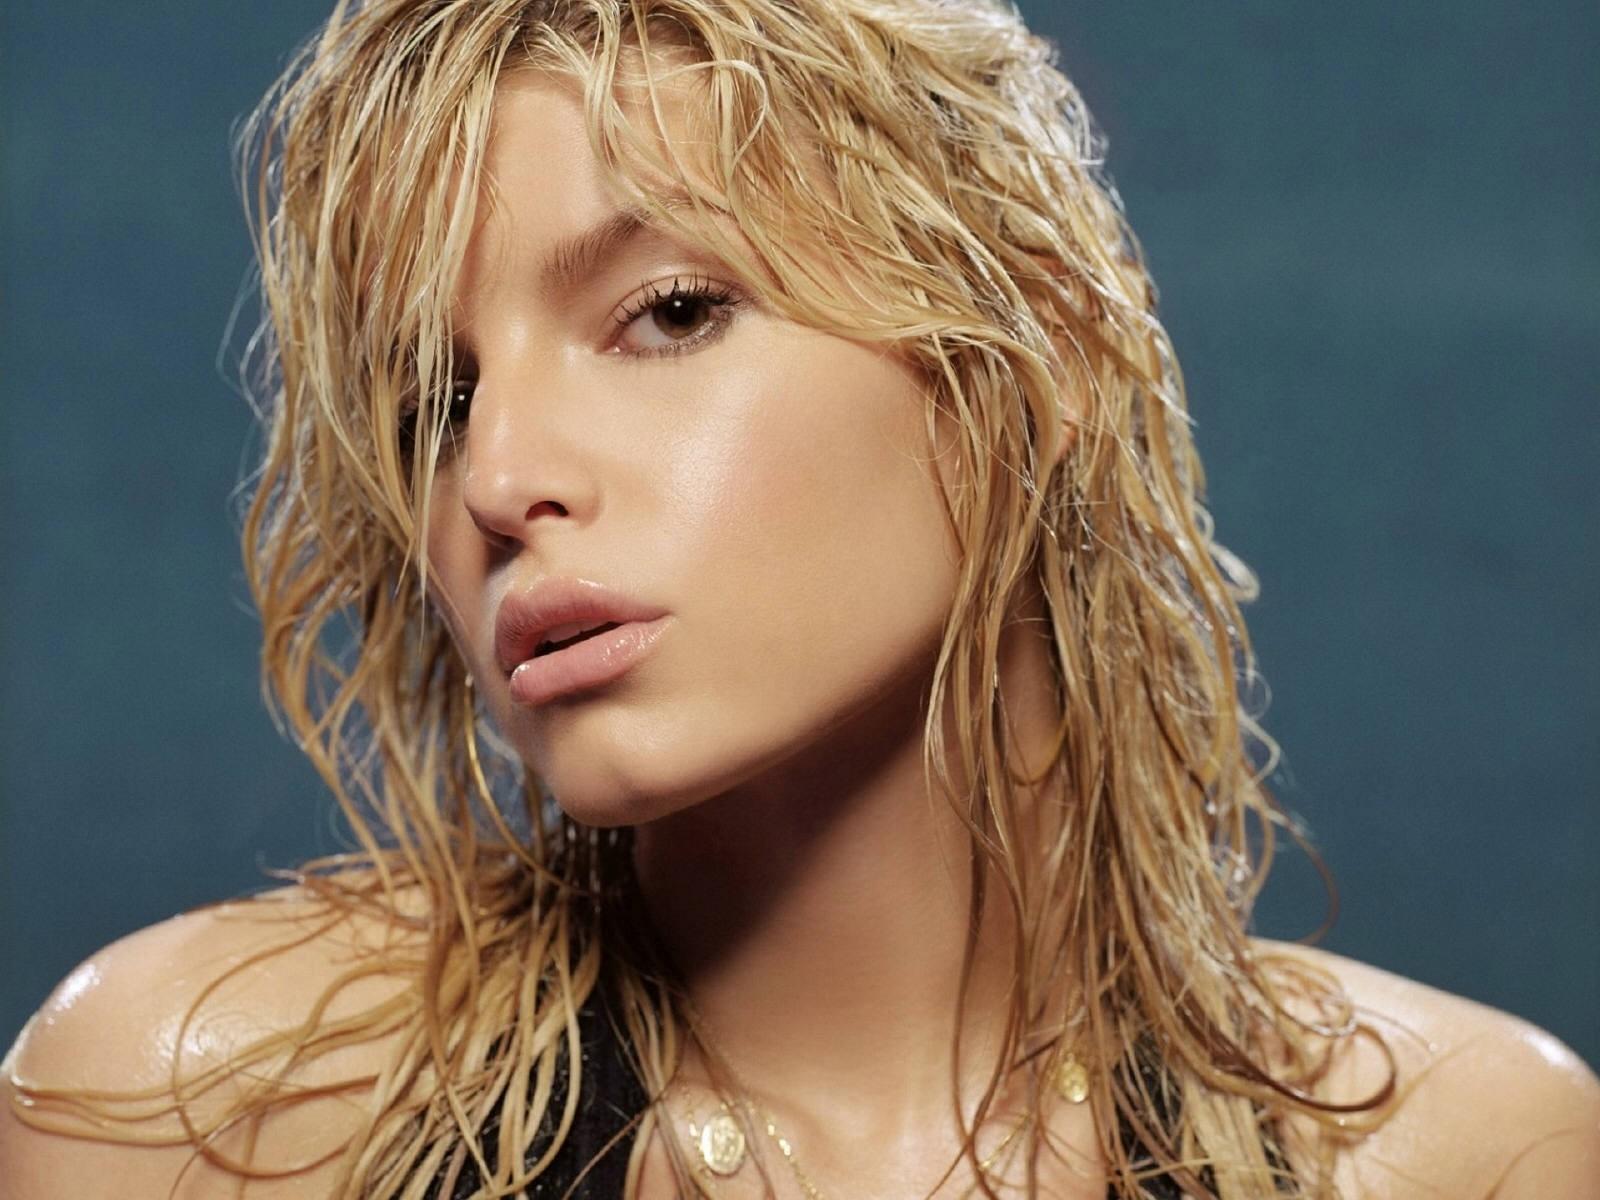 Wallpaper di Jessica Simpson con i capelli bagnati